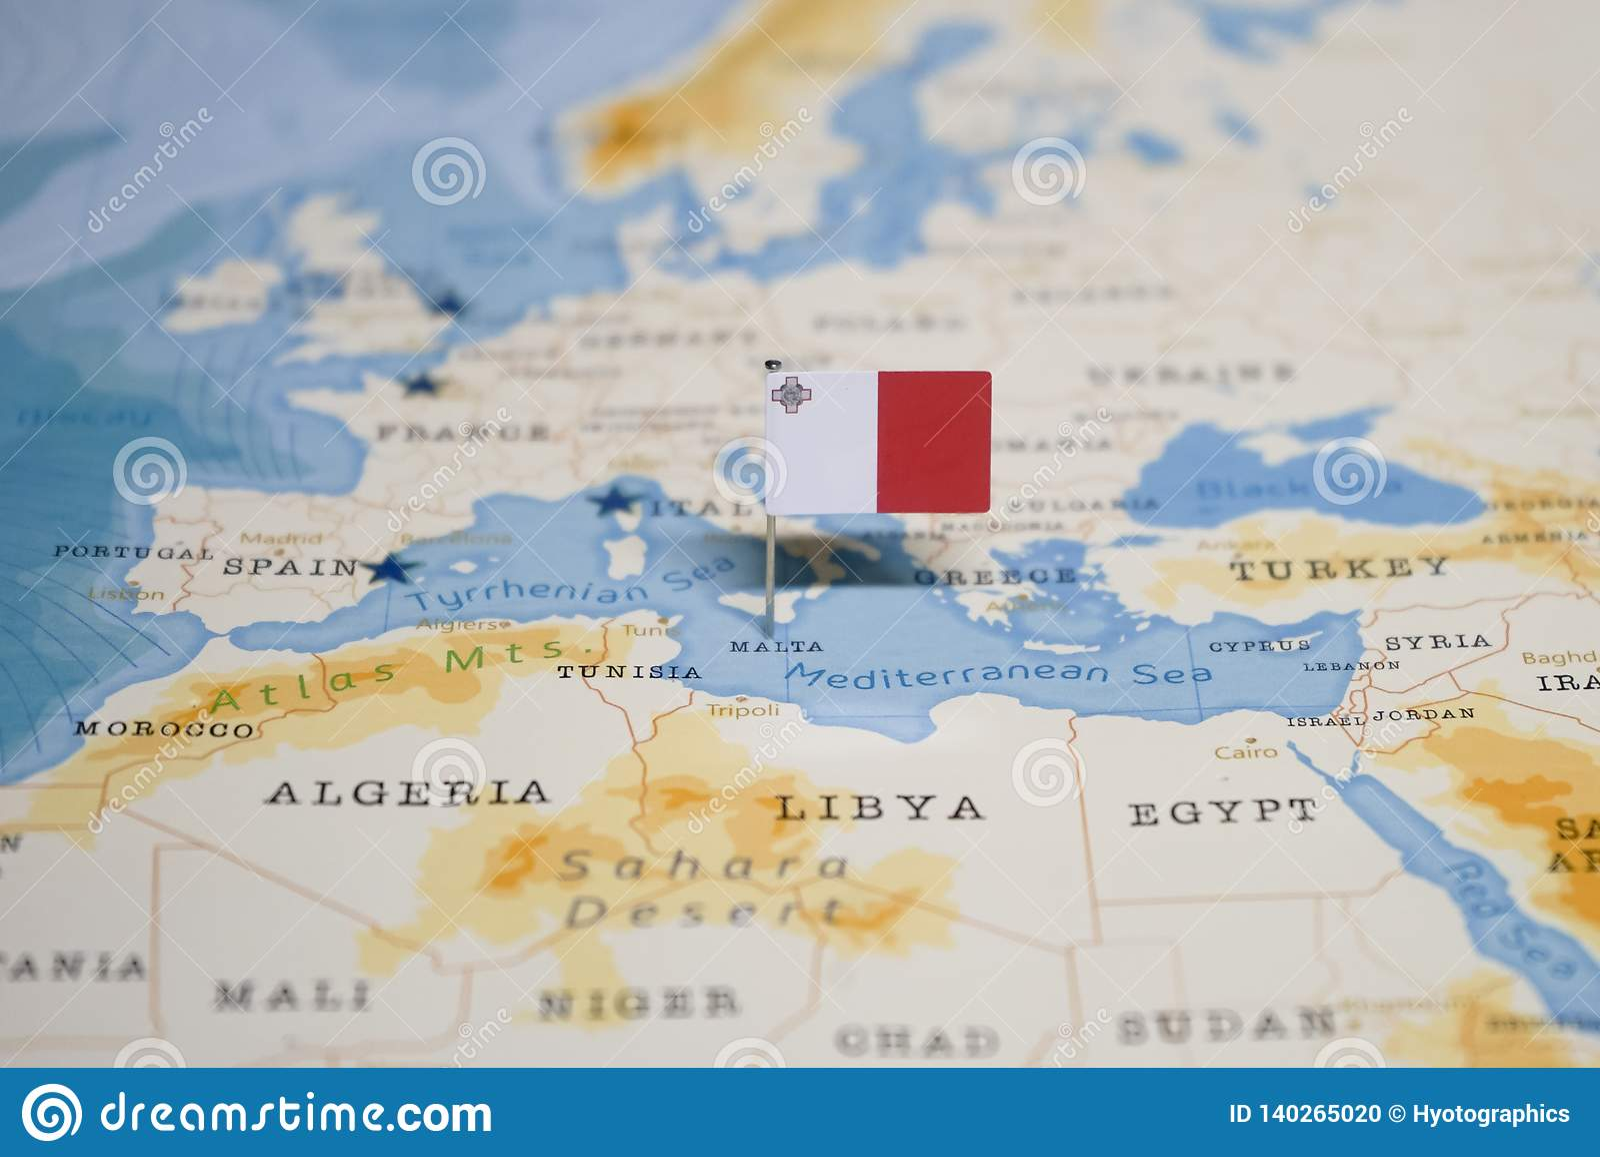 Malte carte du monde